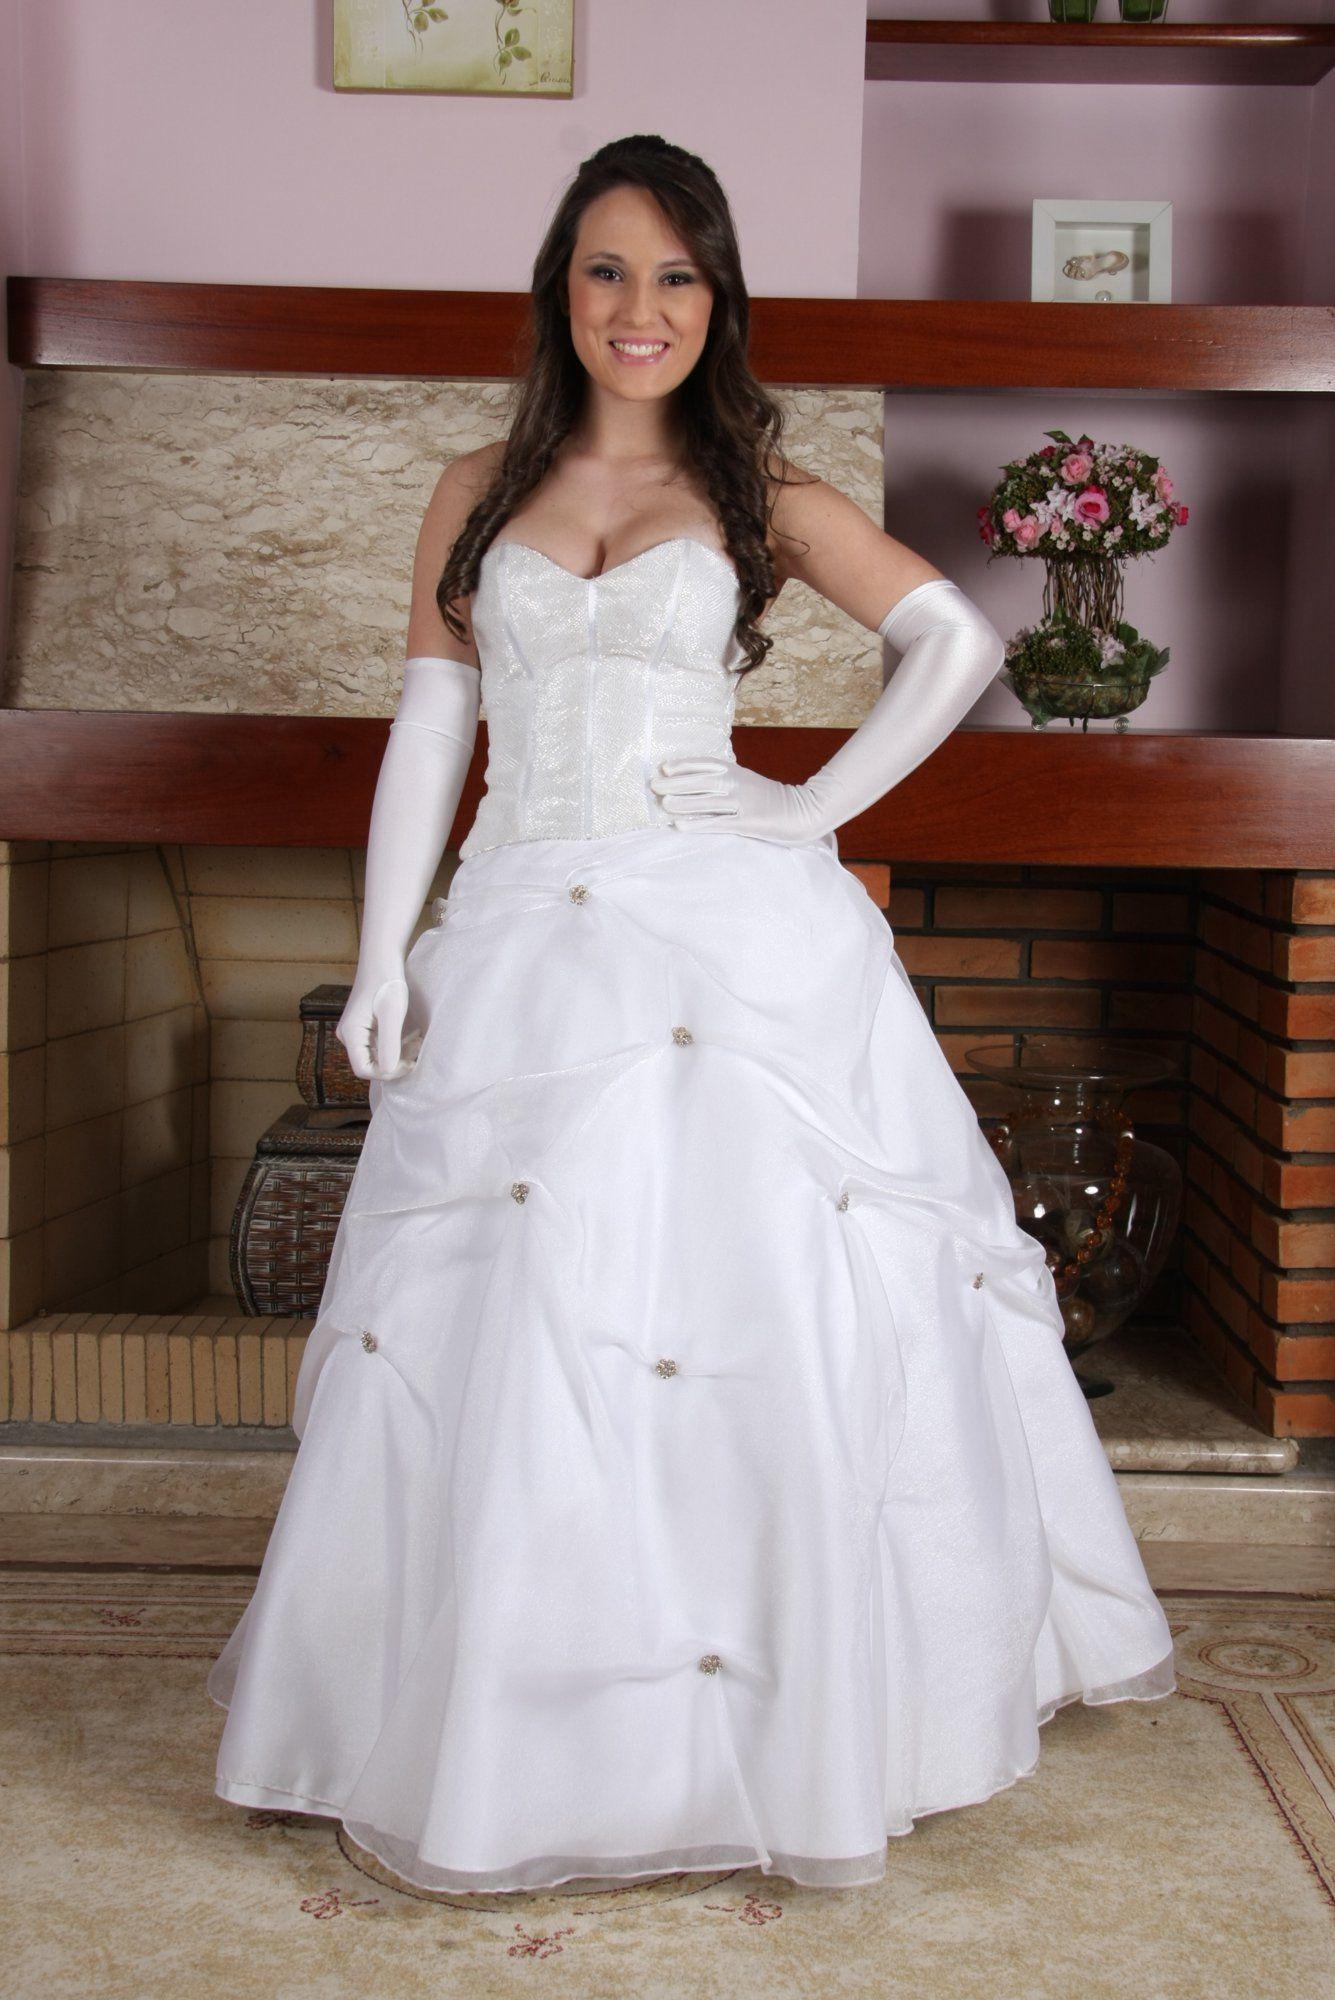 Vestido de Debutante Branco - 8 - Hipnose Alta Costura e Spa para Noivas e Noivos - Campinas - SP Vestido de Debutante, Vestido de Debutante Branco, Hipnose Alta Costura